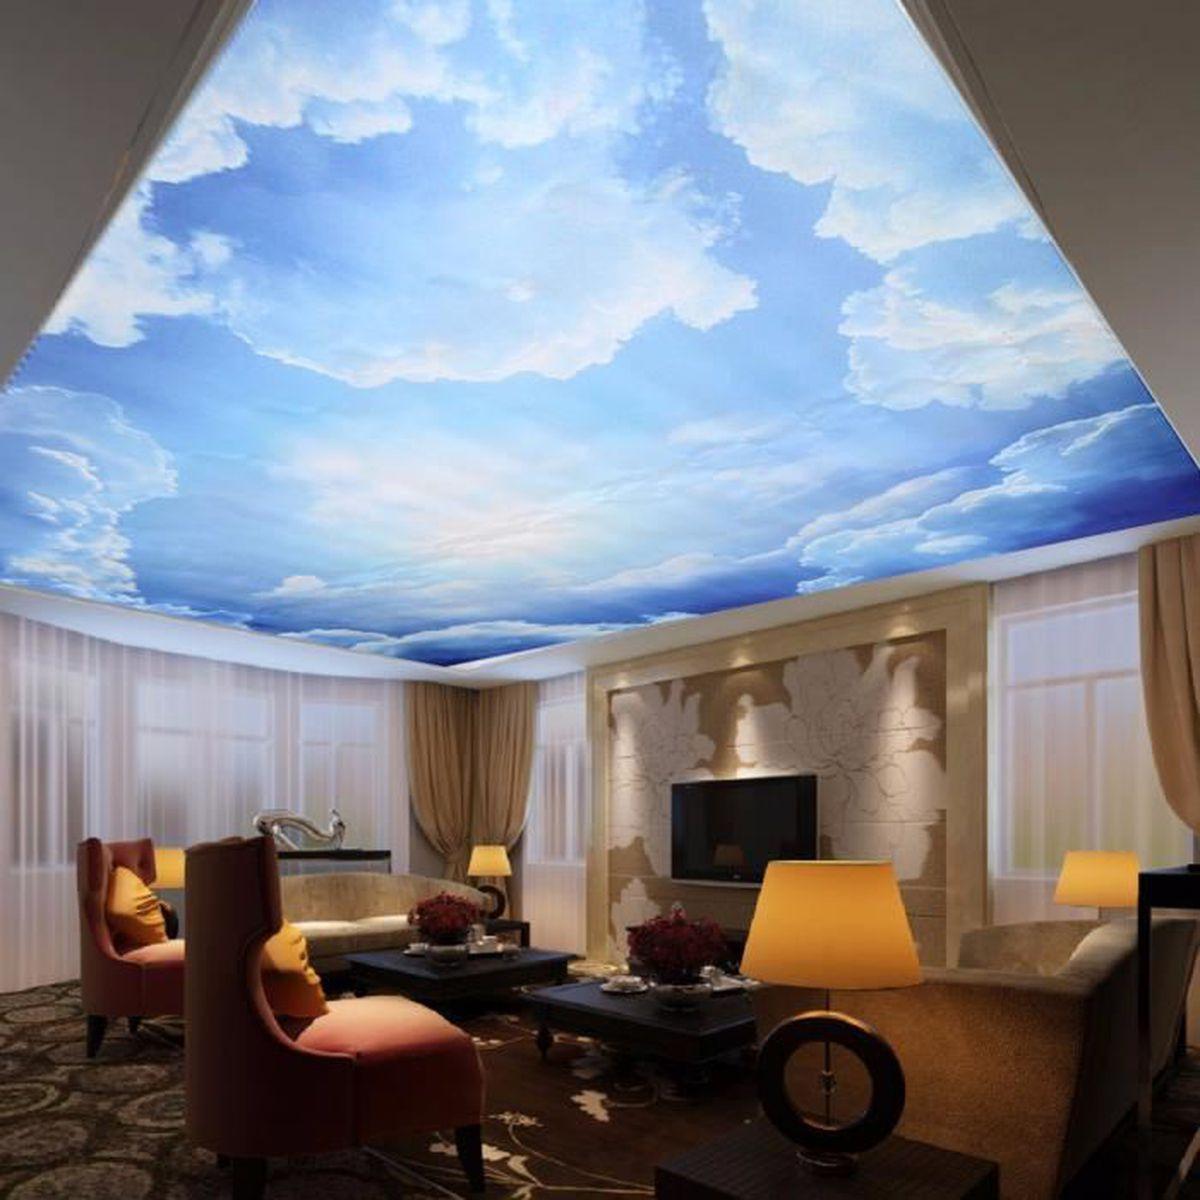 Papier Peint Trompe L Oeil Plafond tempsa 3d papier peint bleu ciel en toile plafond pour deco